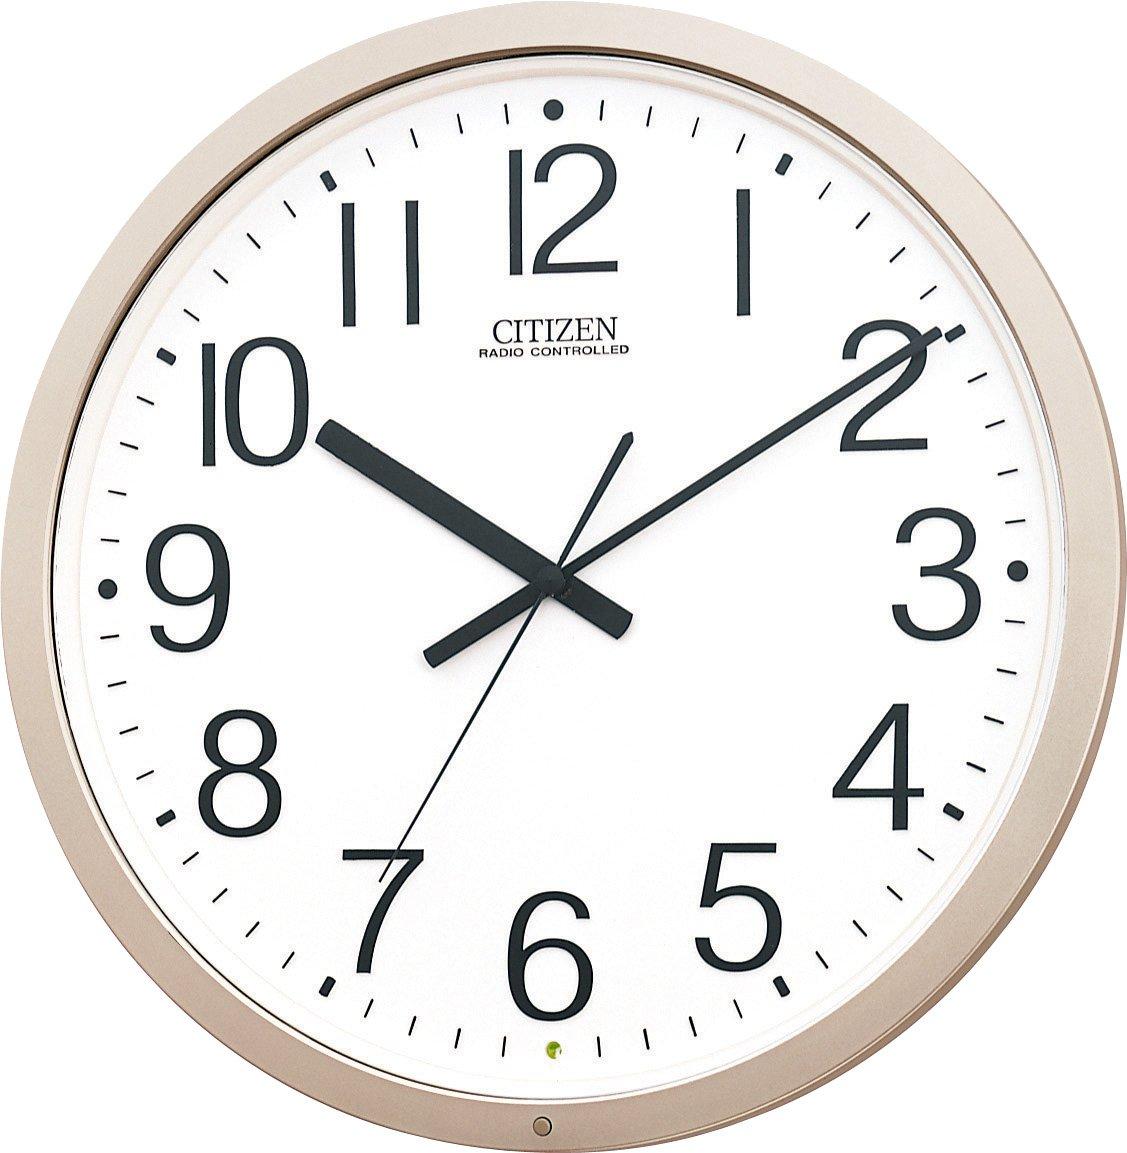 【シチズン/リズム時計】【CITIZEN】 電波掛け時計パルウェーブM603B 4MY603-B19 シャンペンゴールド(白)アナログ B008M4CDMO